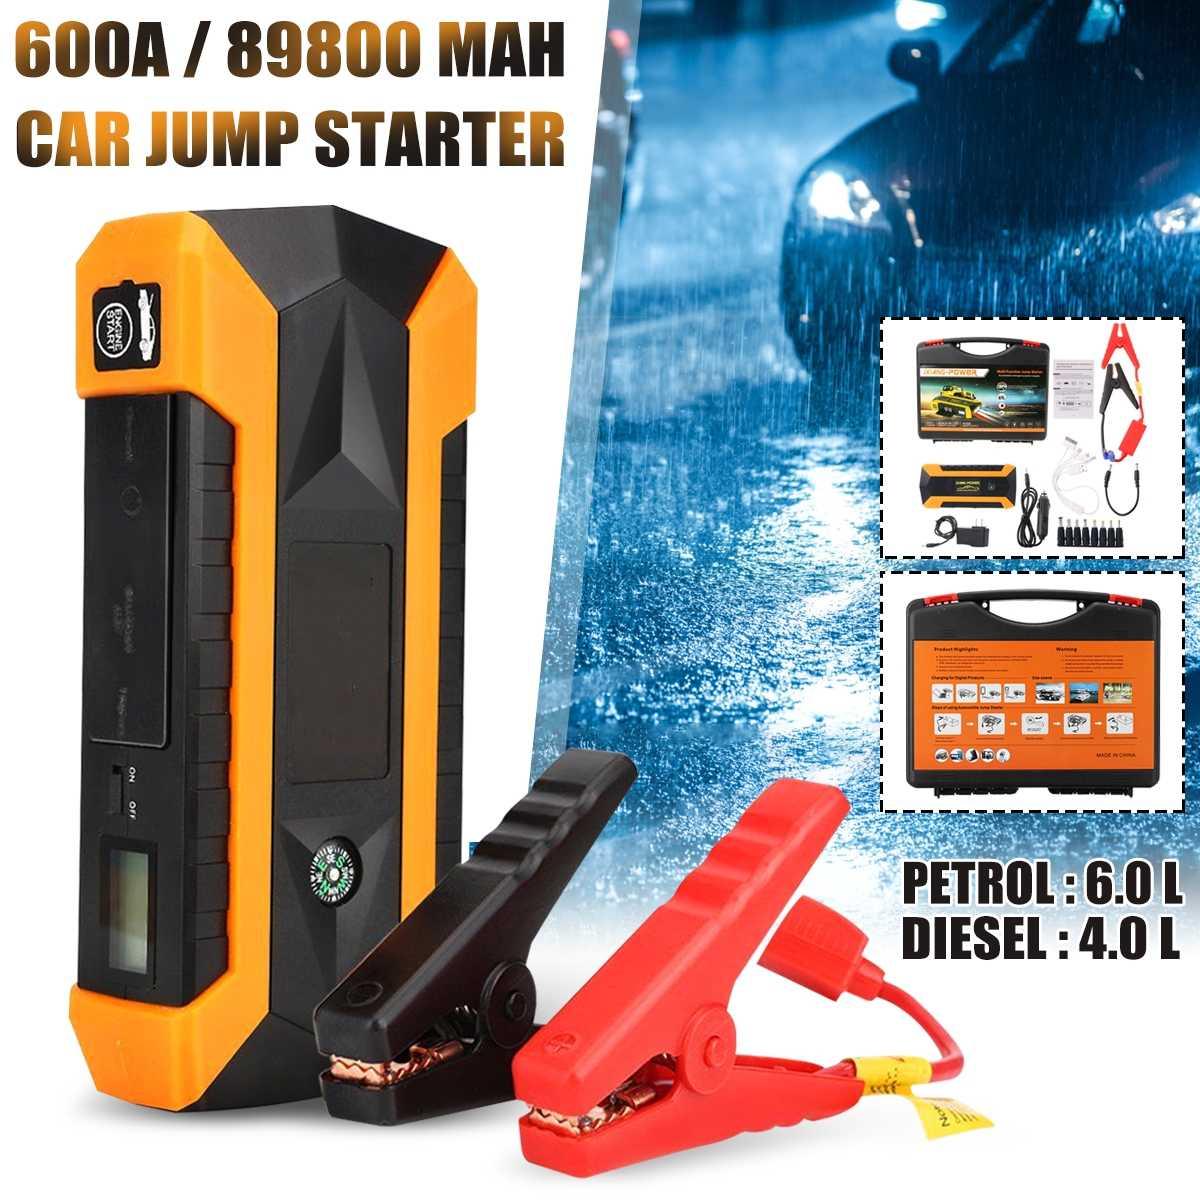 89800 мАч 600A портативный автомобильный прыжок стартер 12 В в 4USB универсальный автомобильный аккумулятор бустер зарядное устройство Booster power Bank ...